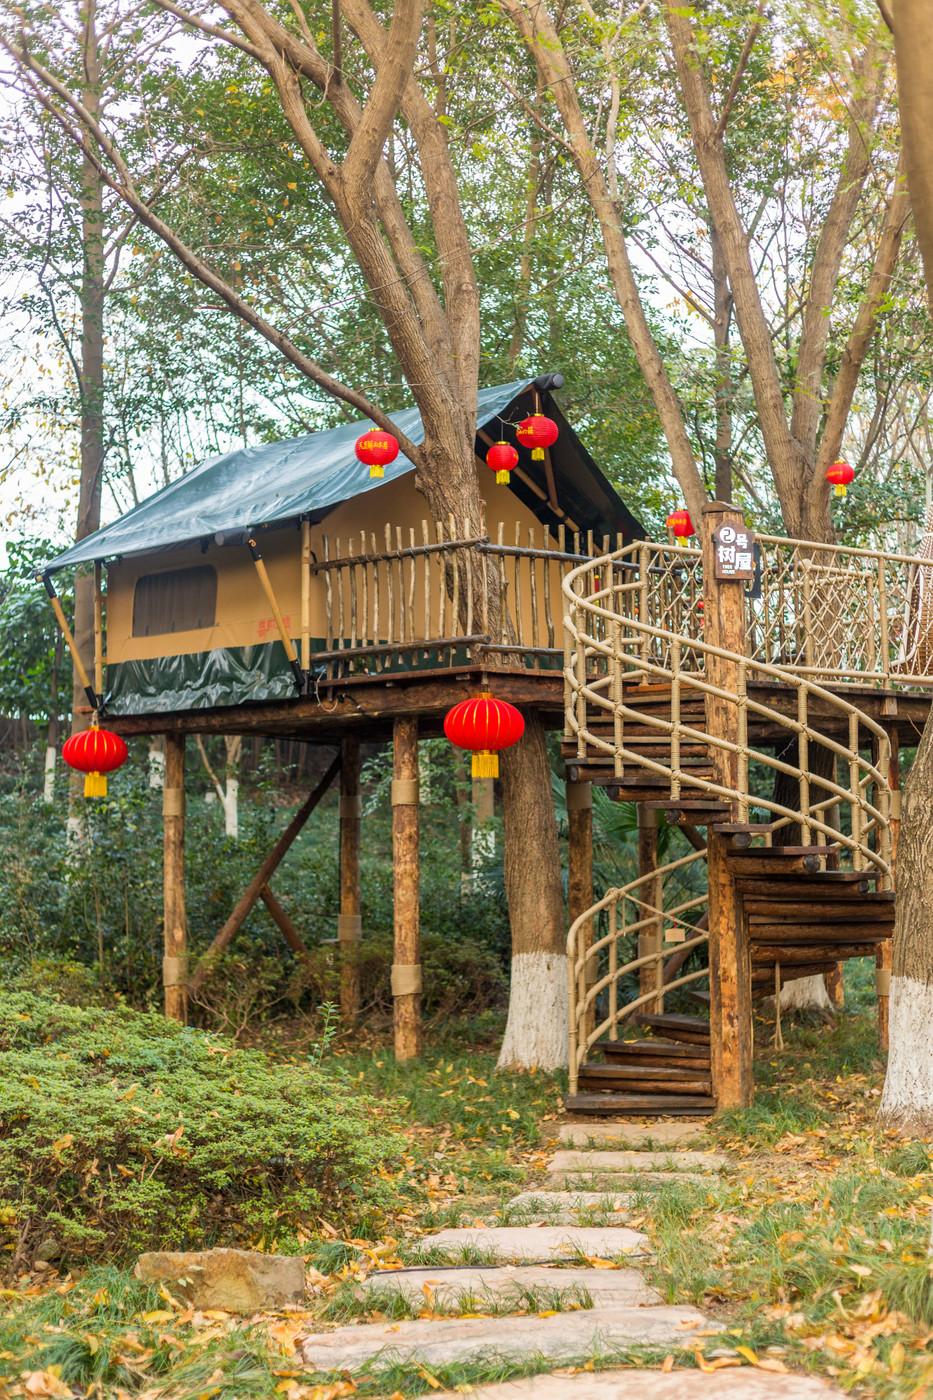 喜马拉雅野奢帐篷酒店—江苏常州天目湖树屋帐篷酒店7